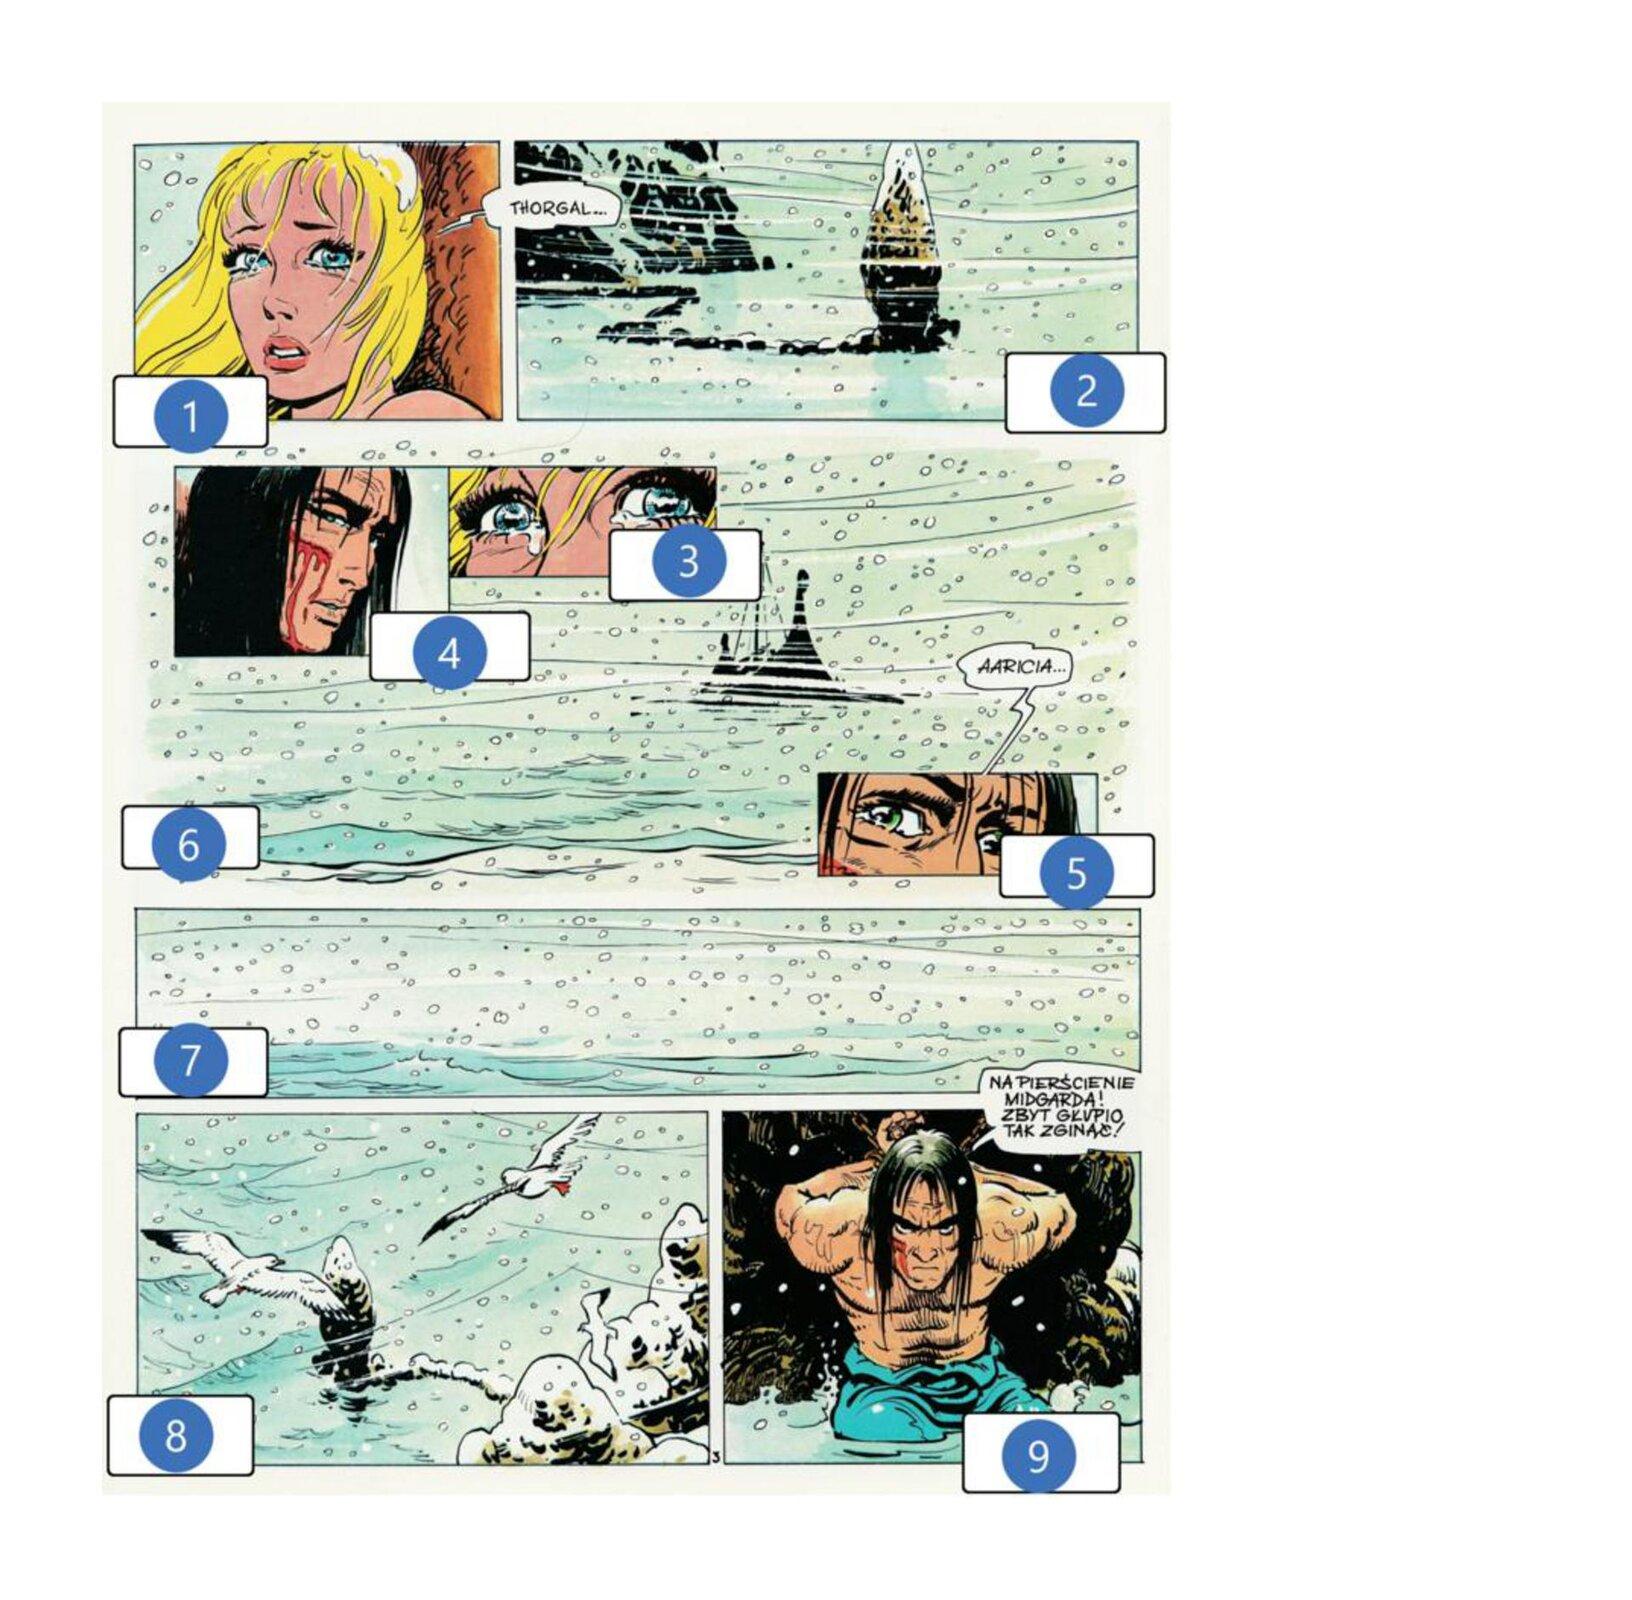 Wzadaniu została wykorzystana grafika zkomiksu, która przedstawia stronę zkomiksu Thorgal. Na ilustracji widoczna jest scena rozmowy kobiety zmężczyzną. Oboje znajdują się na dworze, gdzie panuje śnieżyca. Mężczyzna jest zanurzony po kolana wlodowatej wodzie. Woczach kobiety widoczne są łzy.